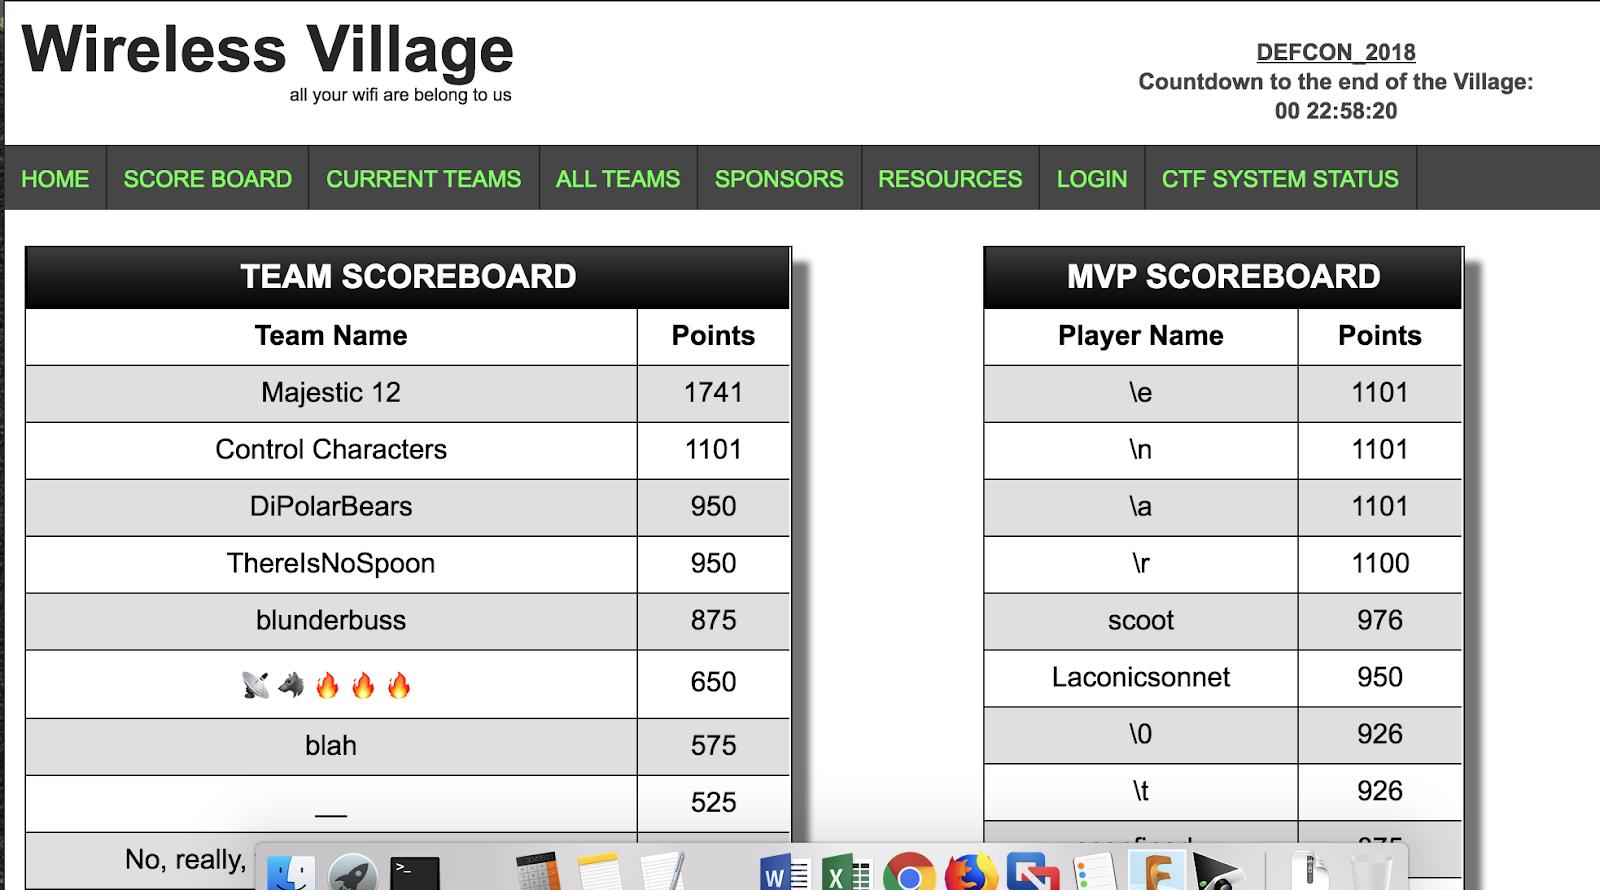 Wireless Village Scoreboard